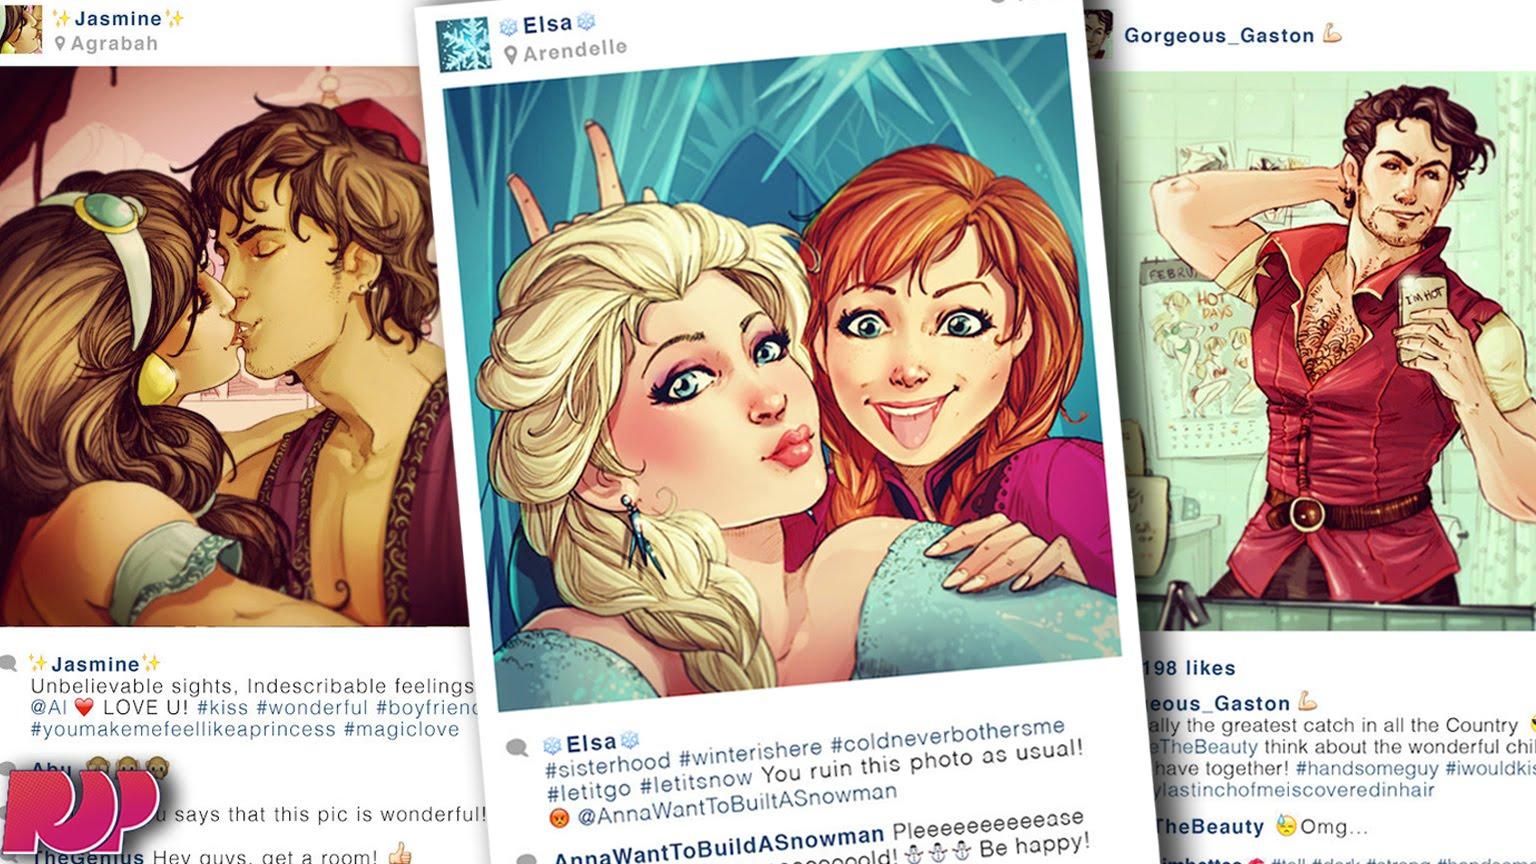 Ինչ կլիներ, եթե Դիսնեյի հերոսներն Instagram ունենային (լուսանկարներ)